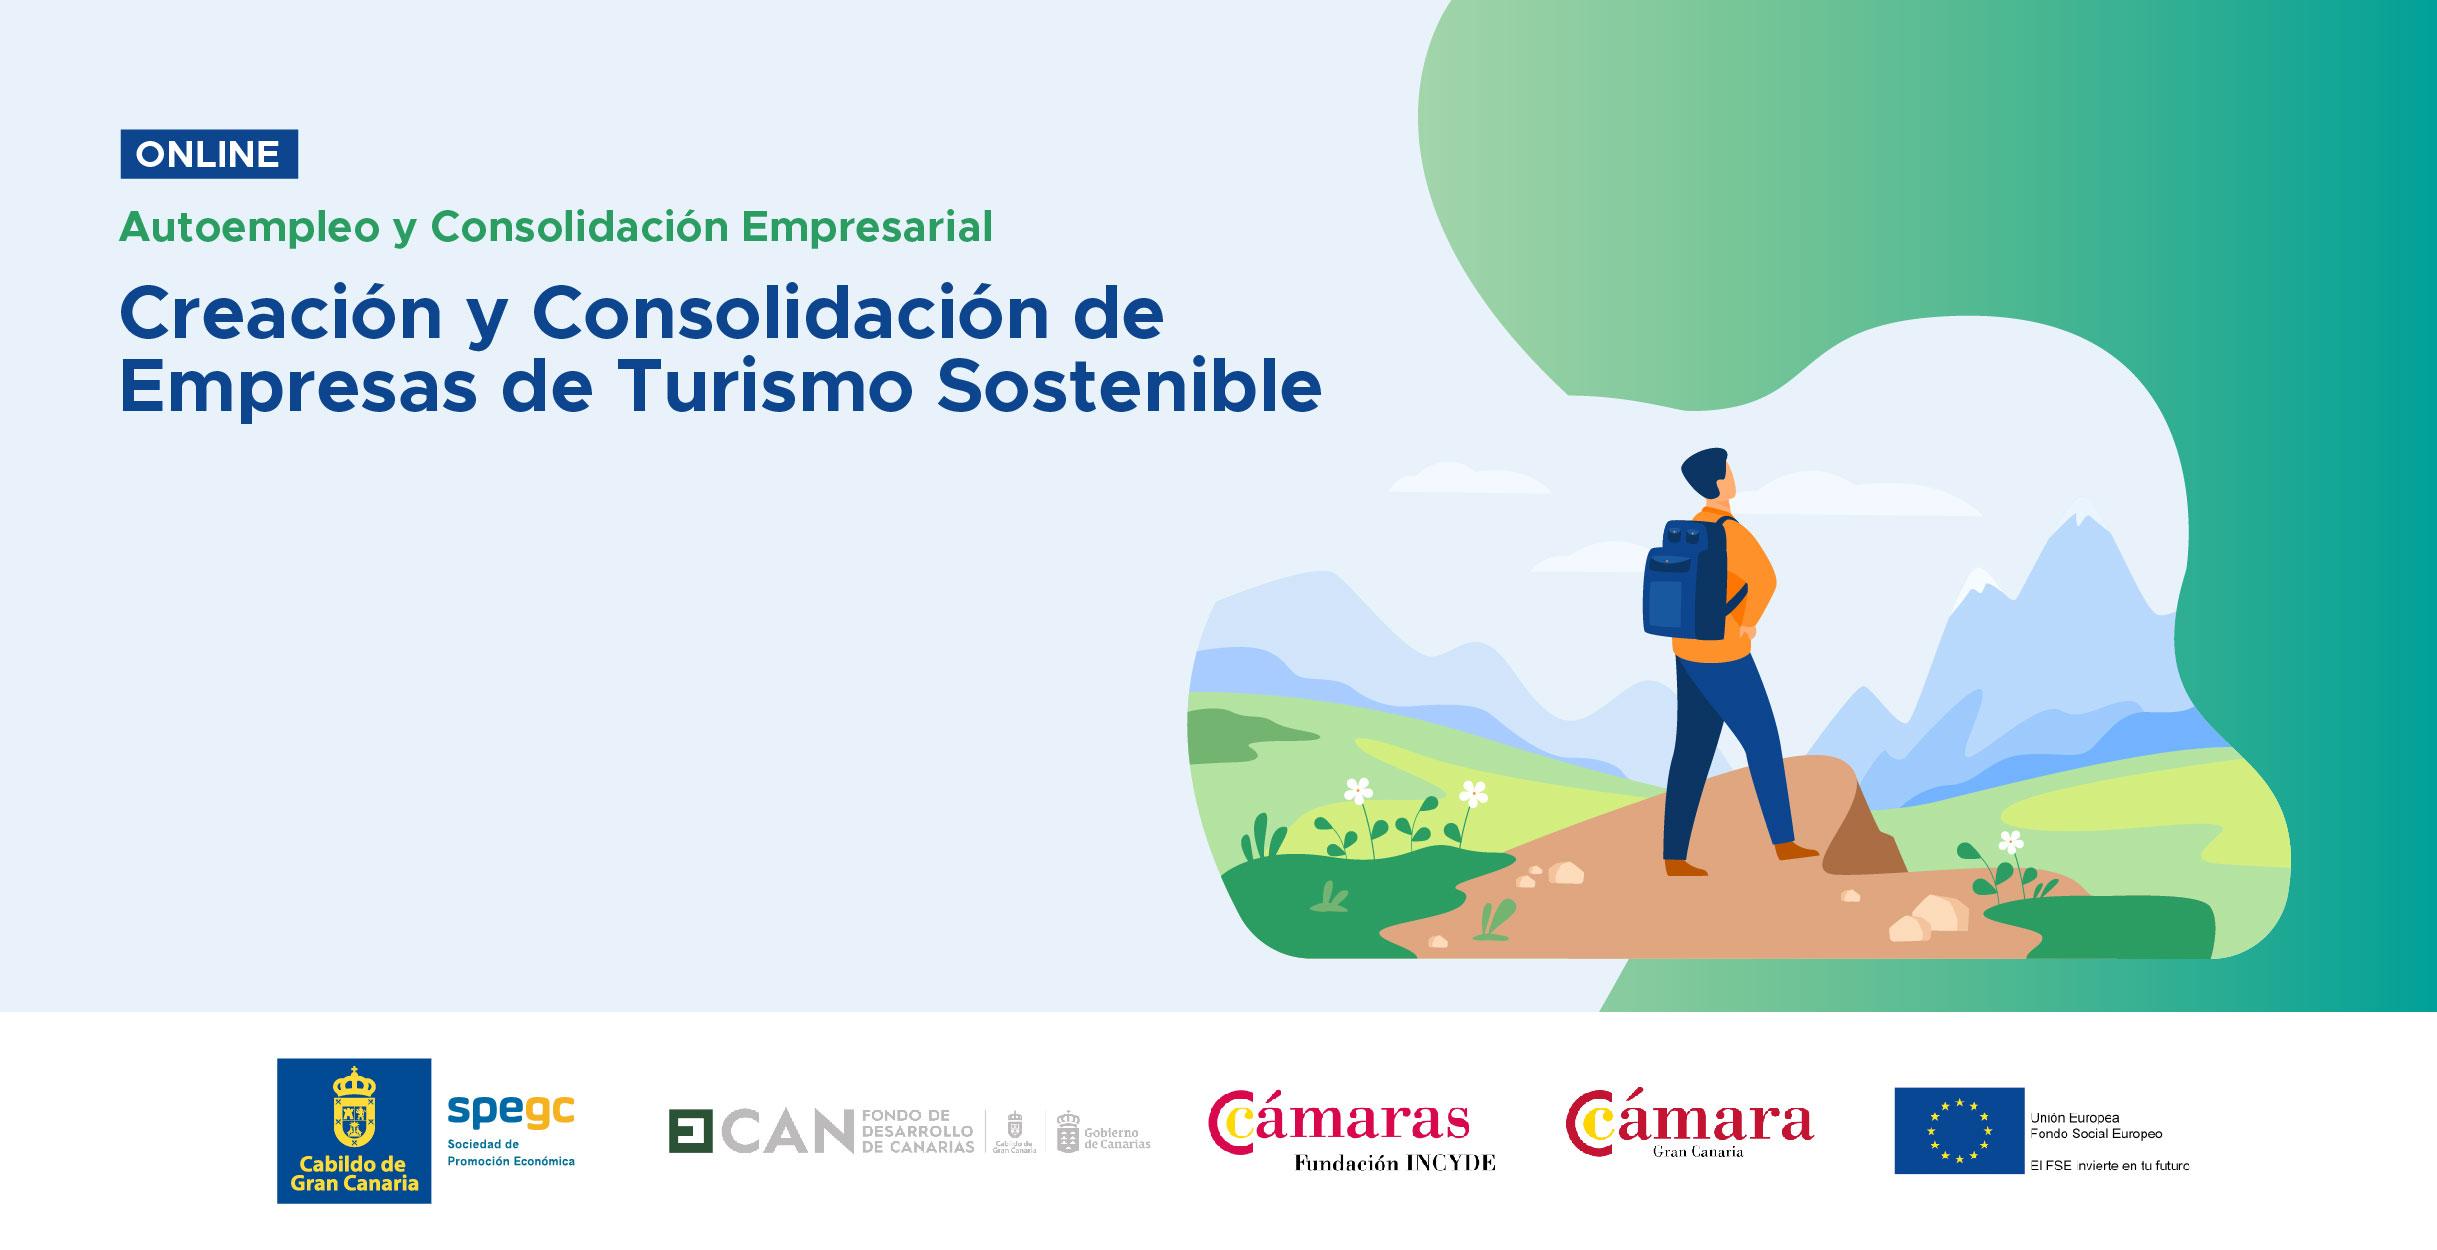 Programa de Creación y consolidación de empresas de Turismo Sostenible